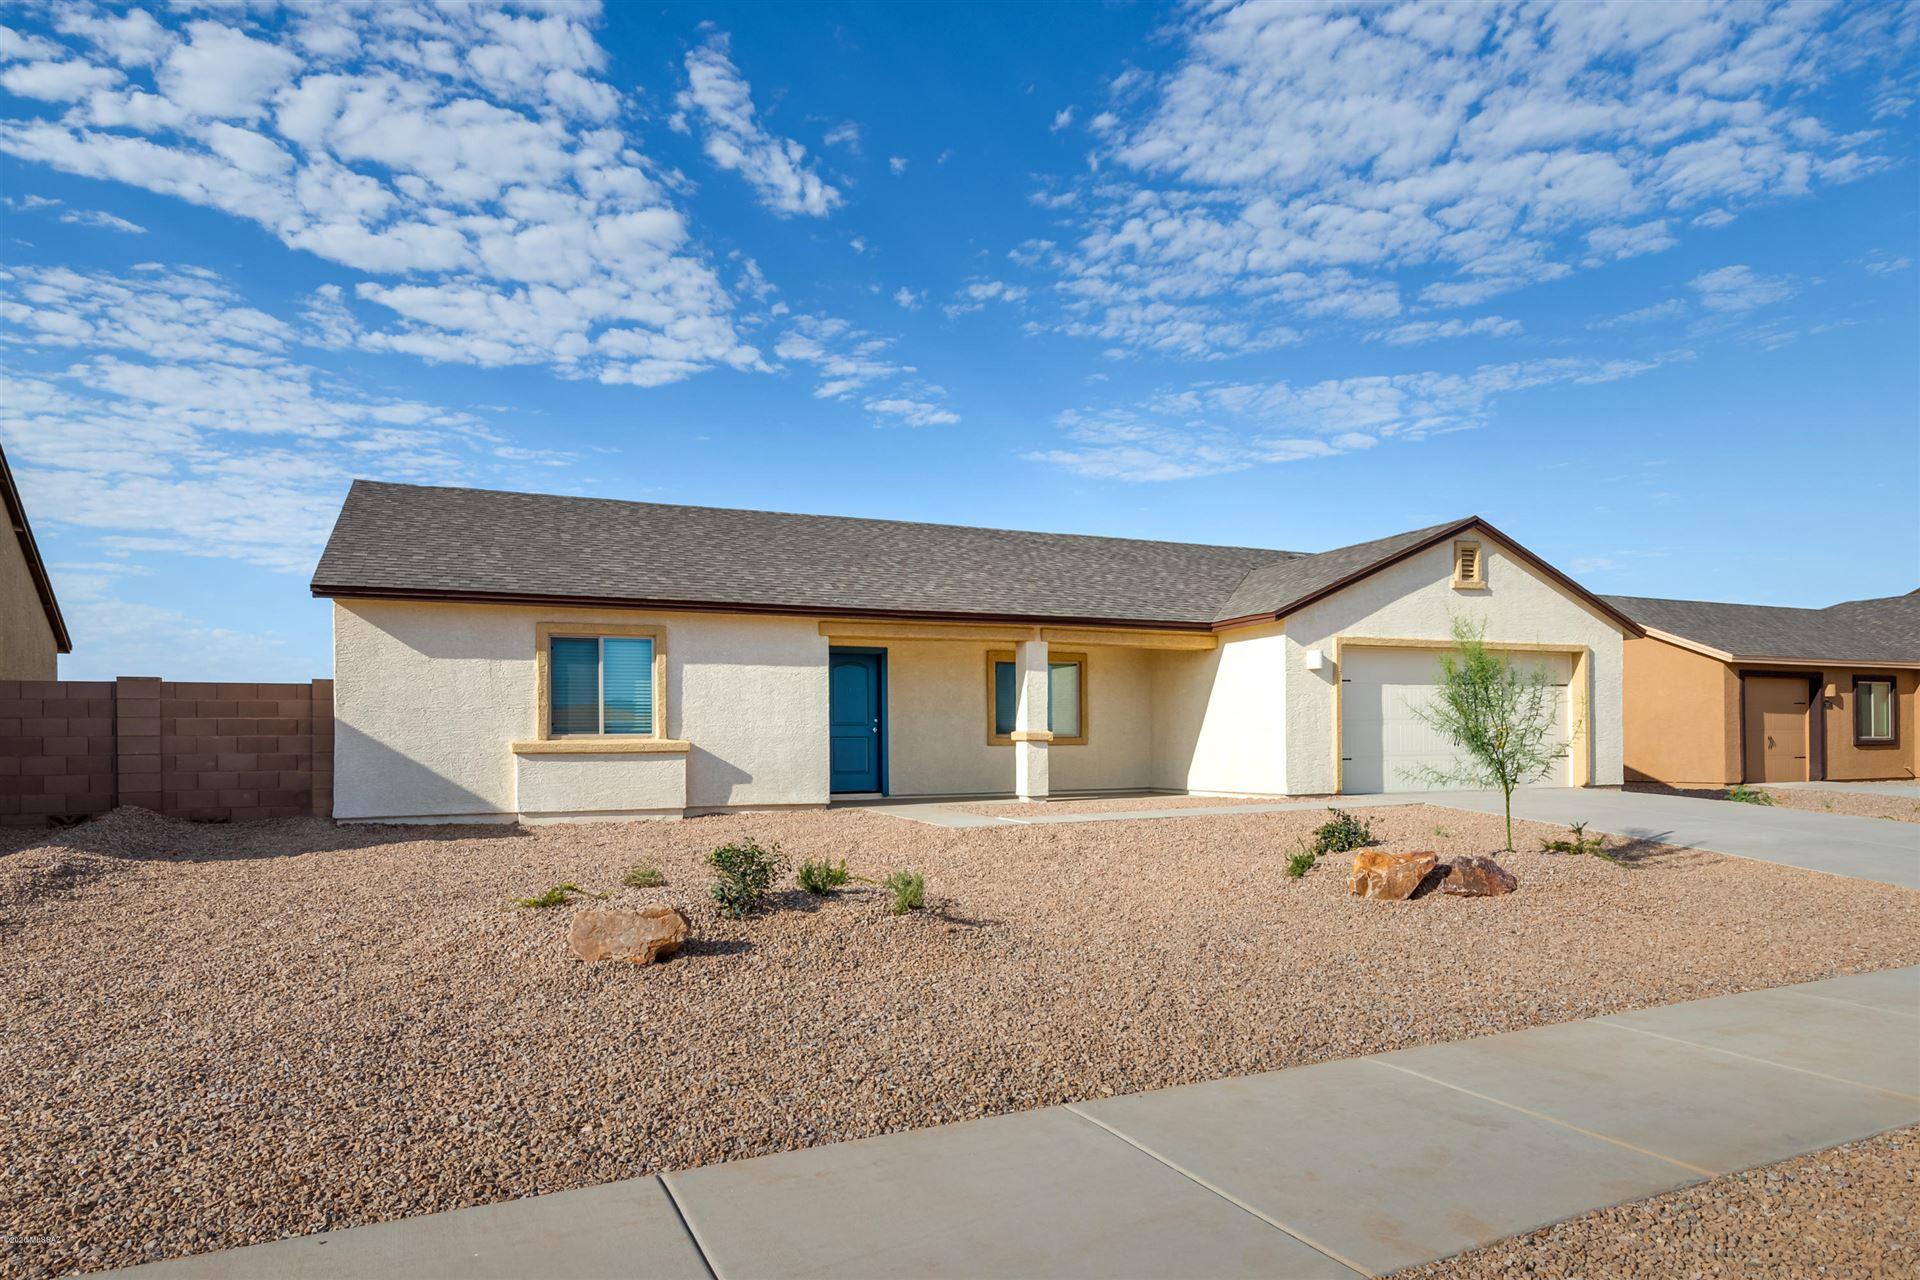 7061 S Portugal Avenue, Tucson, AZ 85757 - MLS#: 22103946